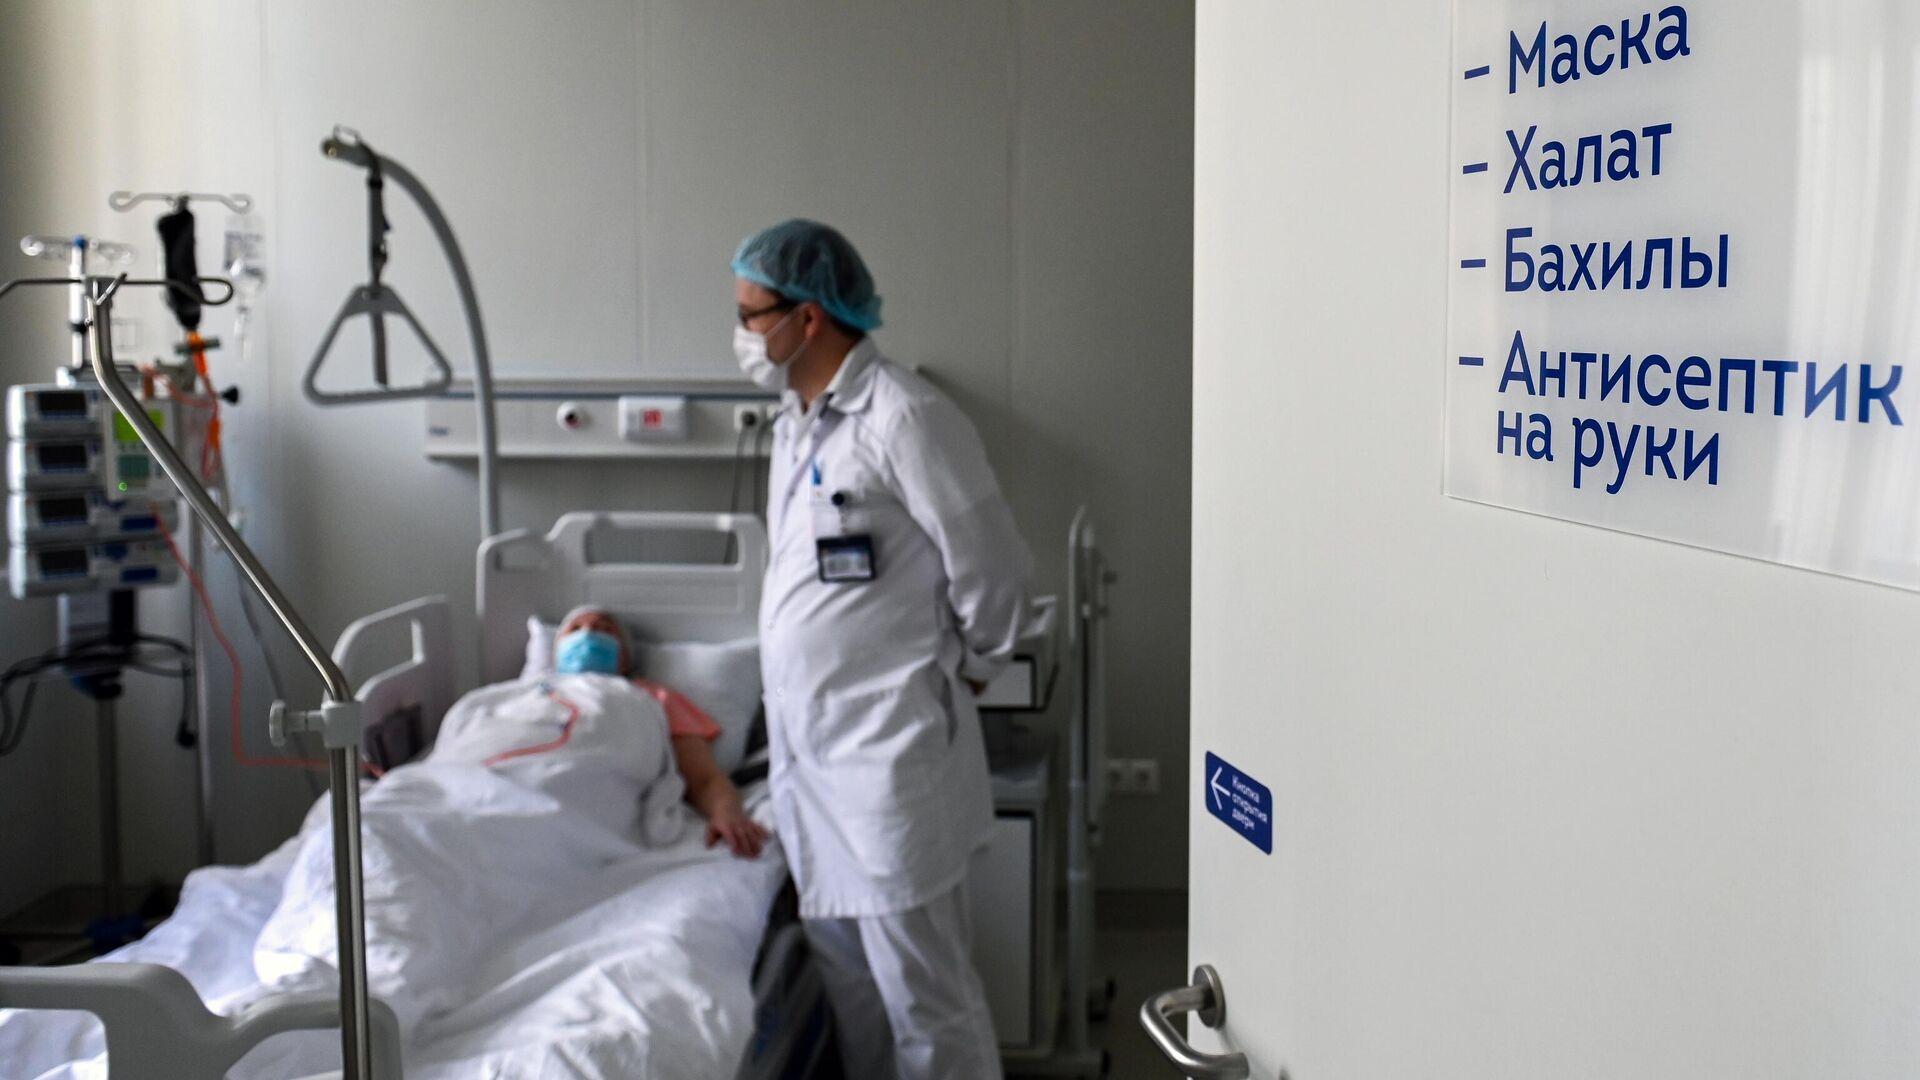 Медицинский работник и пациент в палате отделения трансплантации костного мозга в гематологическом корпусе городской клинической больницы им. С. П. Боткина - РИА Новости, 1920, 14.05.2021